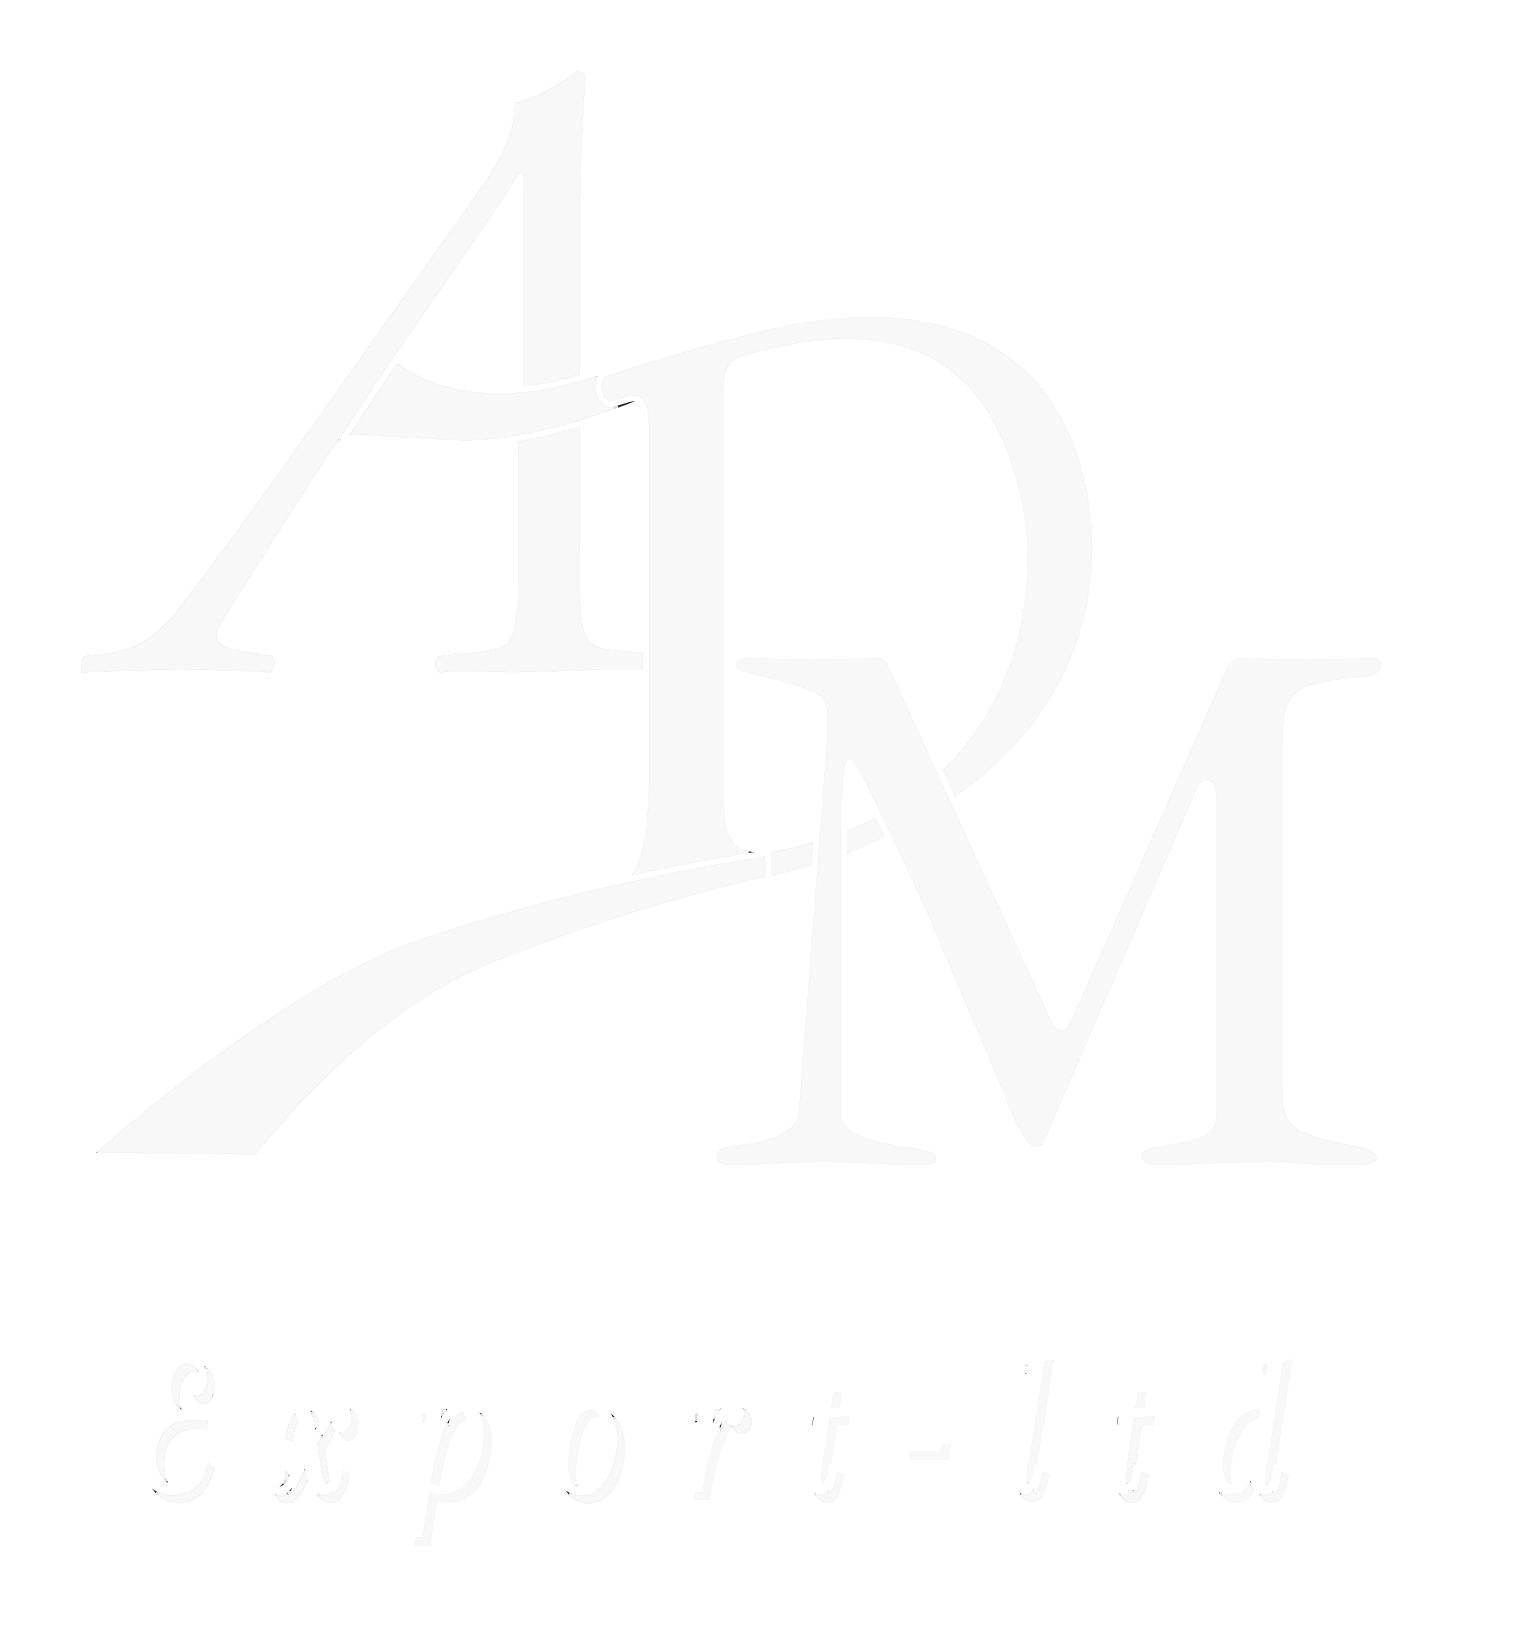 ADM Export